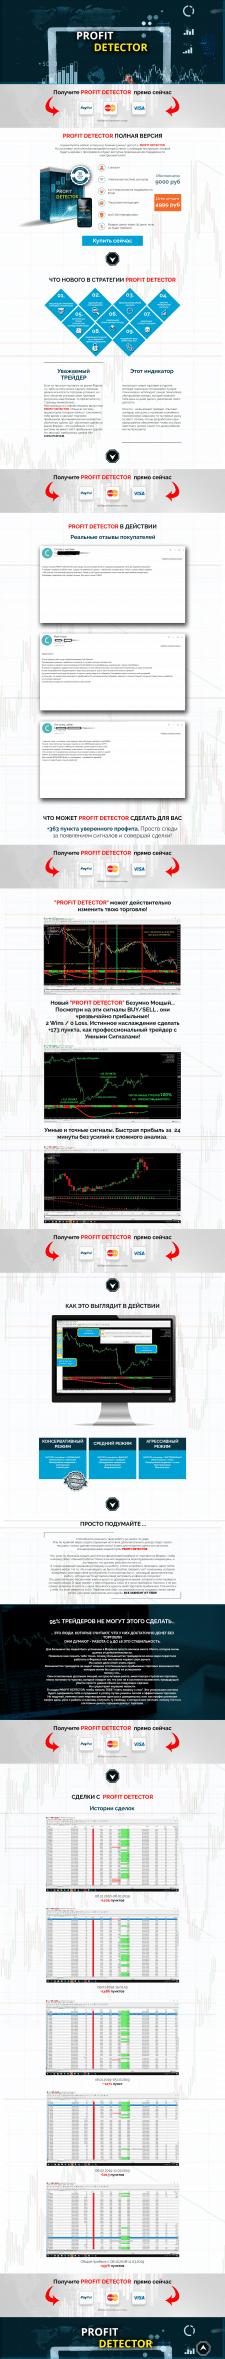 Profit Detector